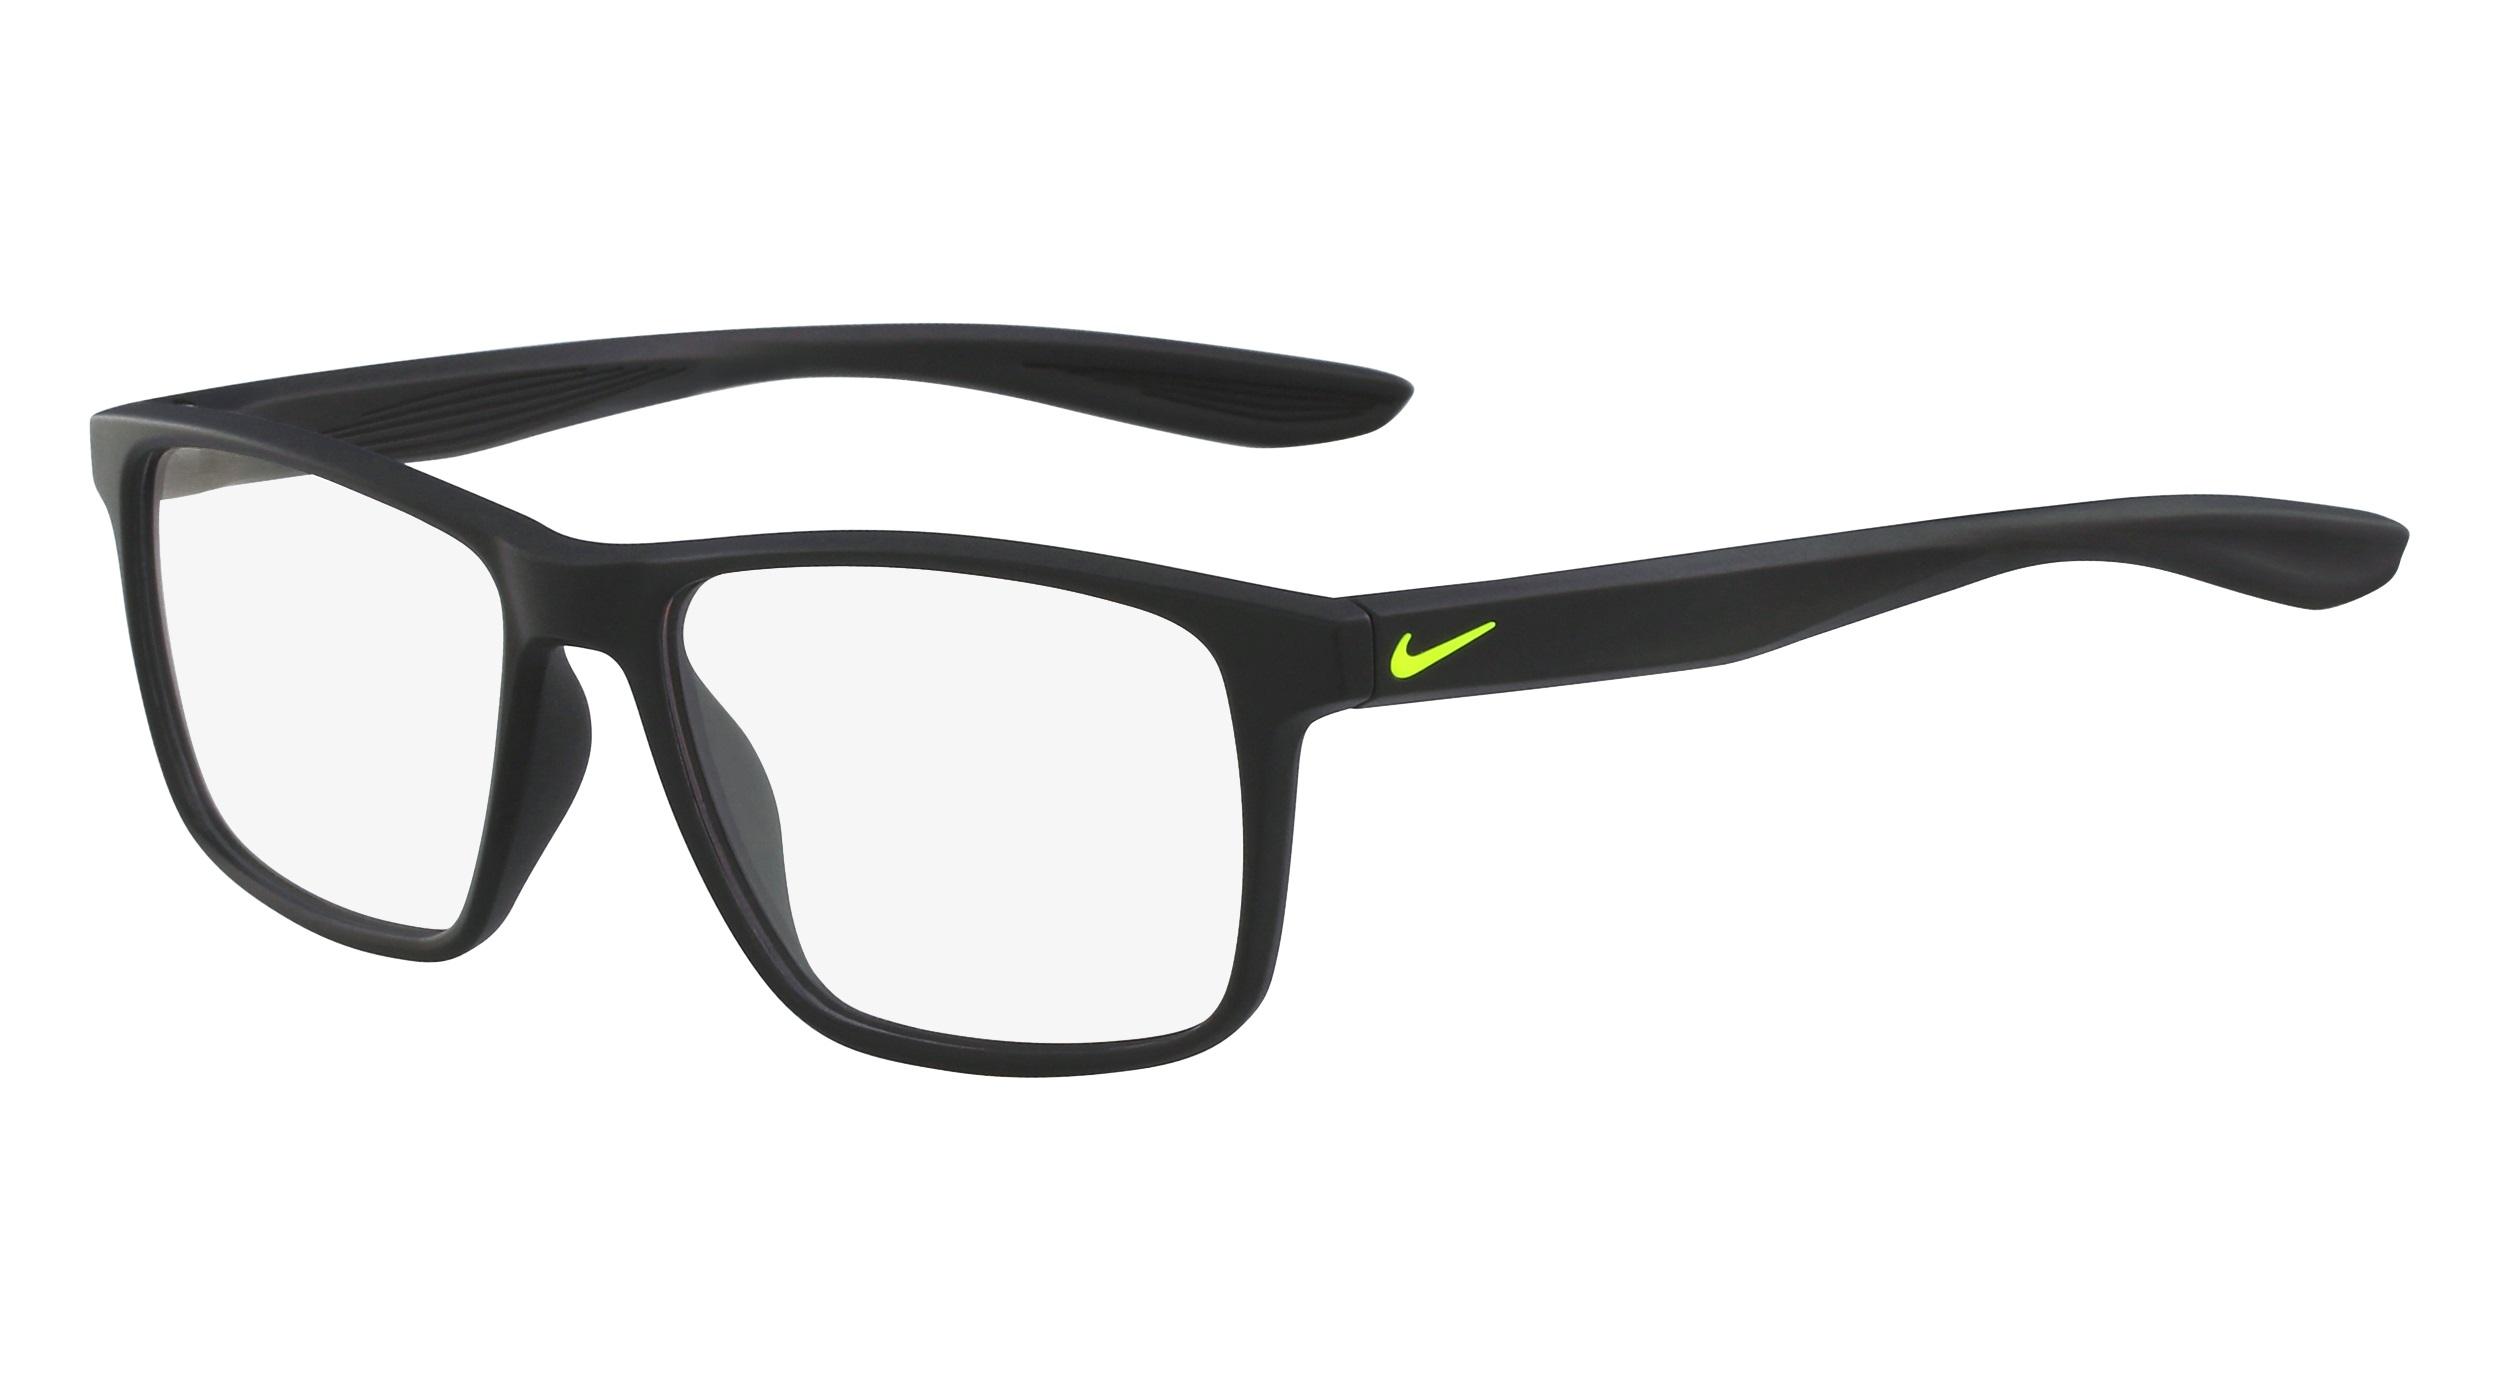 8009a2cb24f Eyewear for Kids - Nike - Optiwow